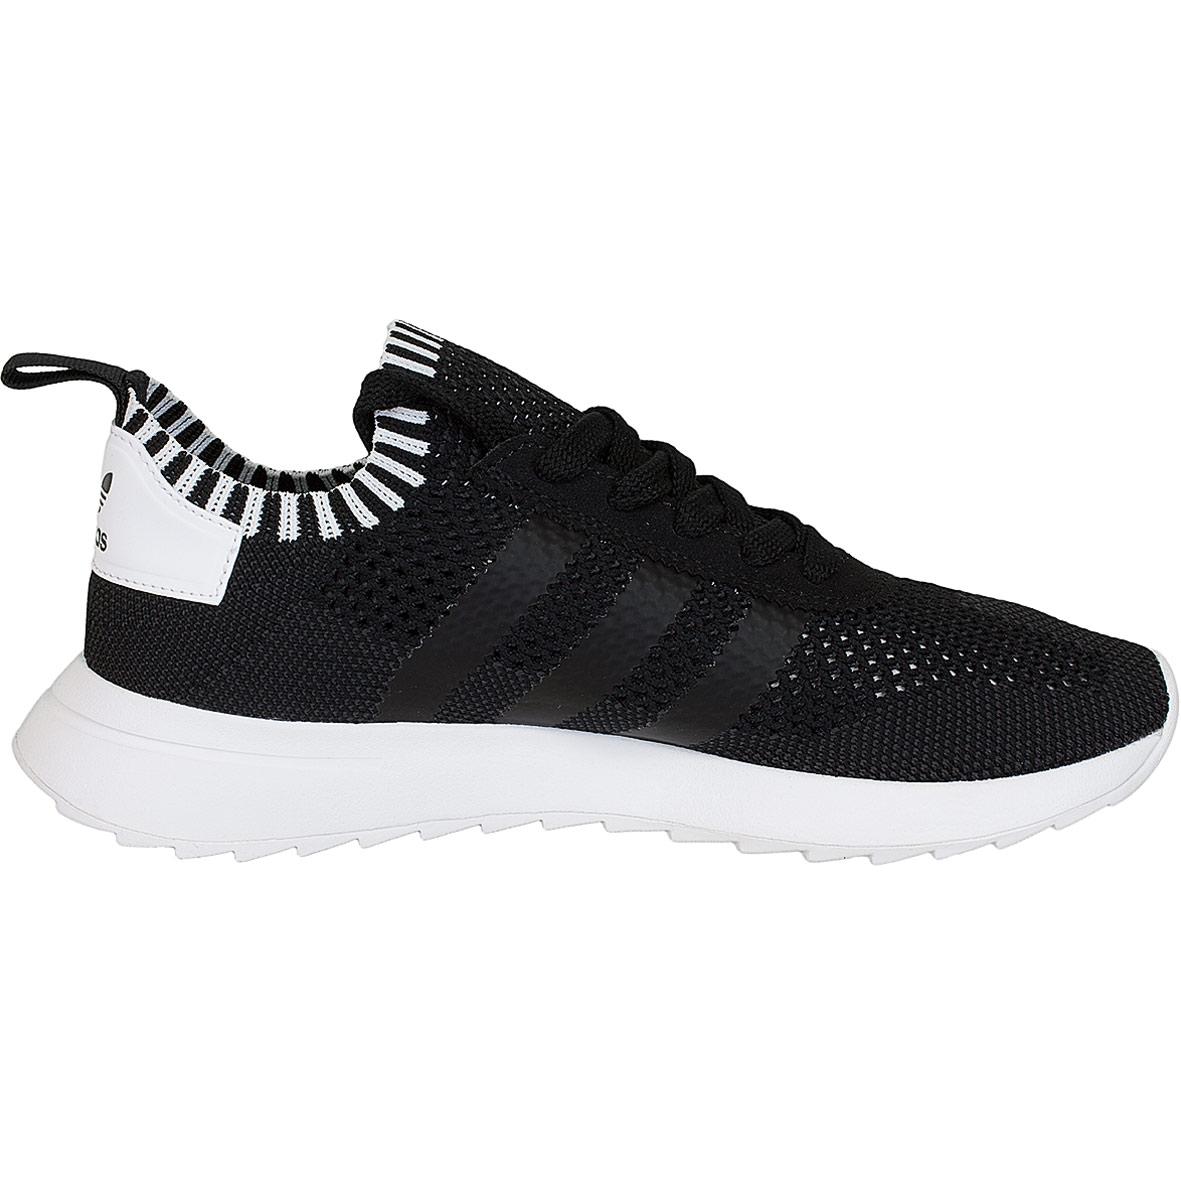 wholesale dealer 9a222 8728c Adidas Originals Damen Sneaker Flashback Primeknit schwarzweiß